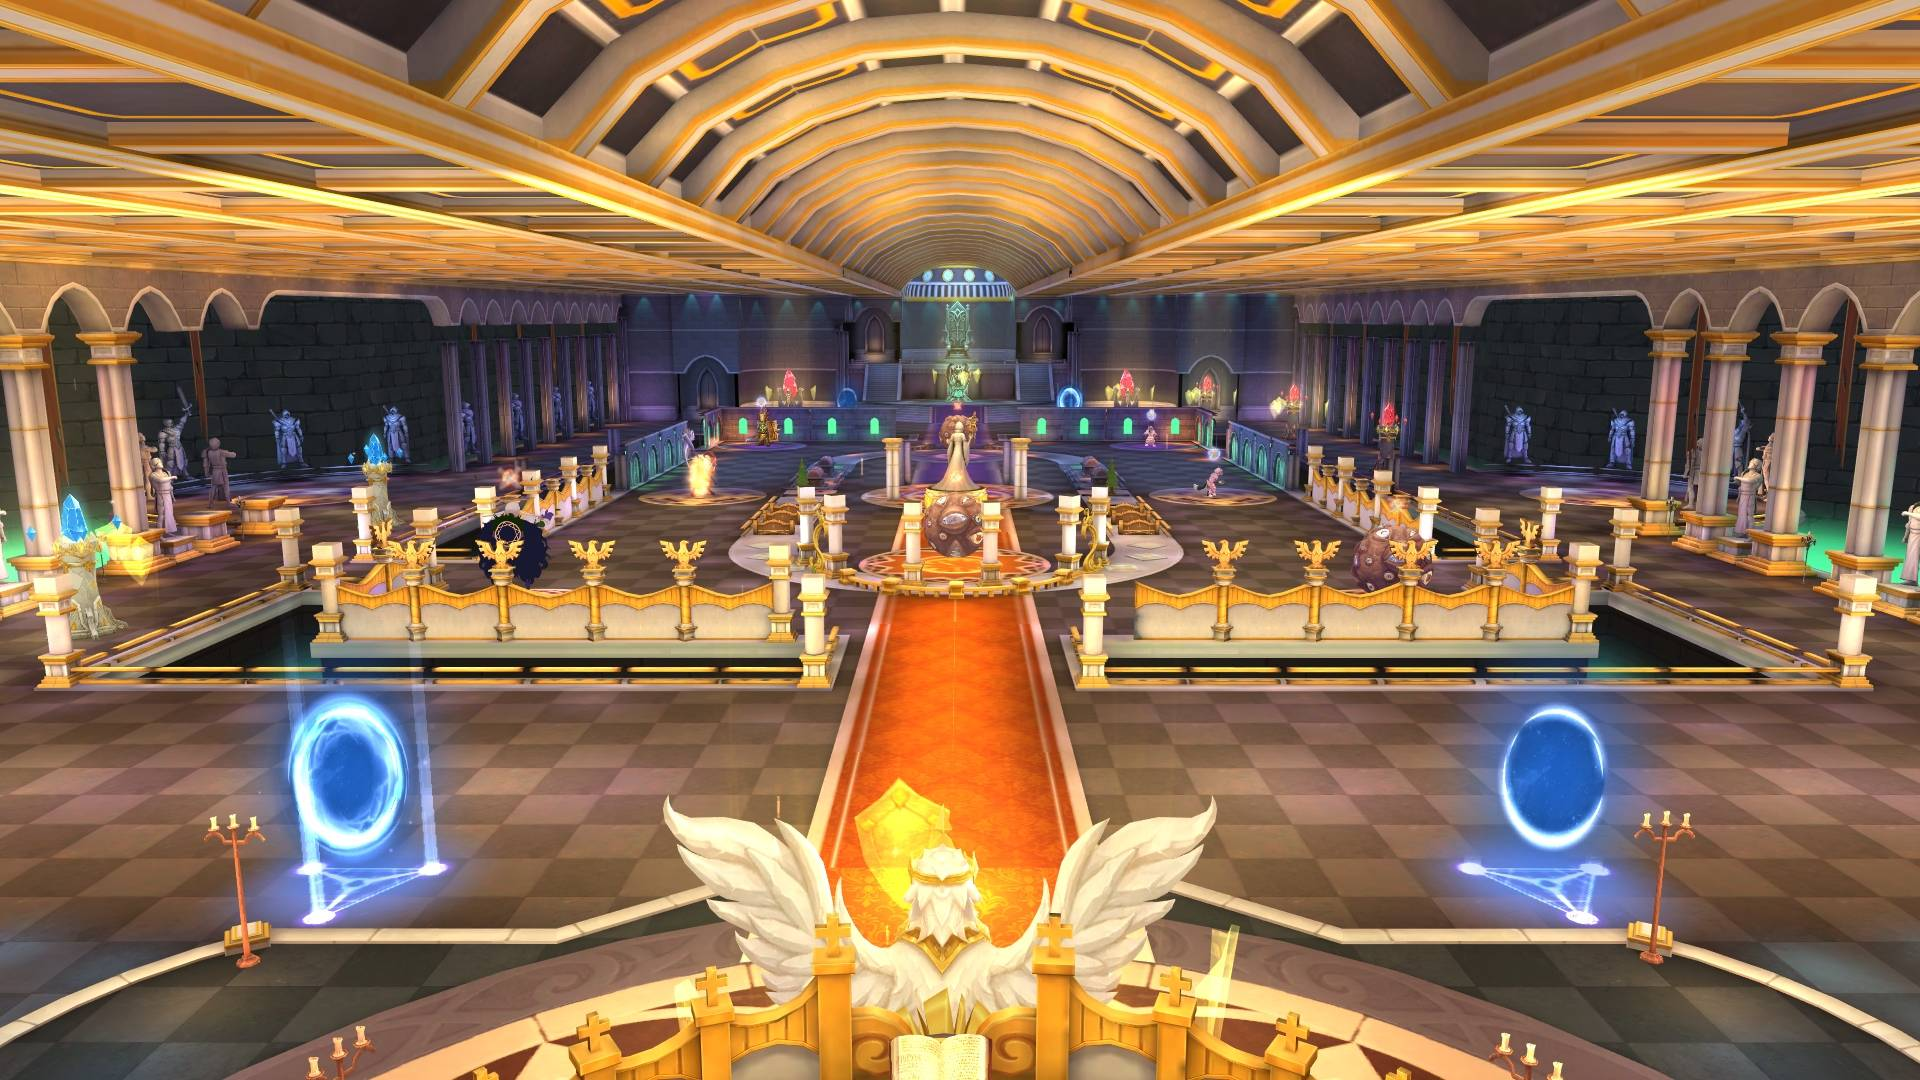 《RO仙境傳說:守護永恆的愛》「虹色墜落」更新 與雷電模擬器舉辦聯名活動